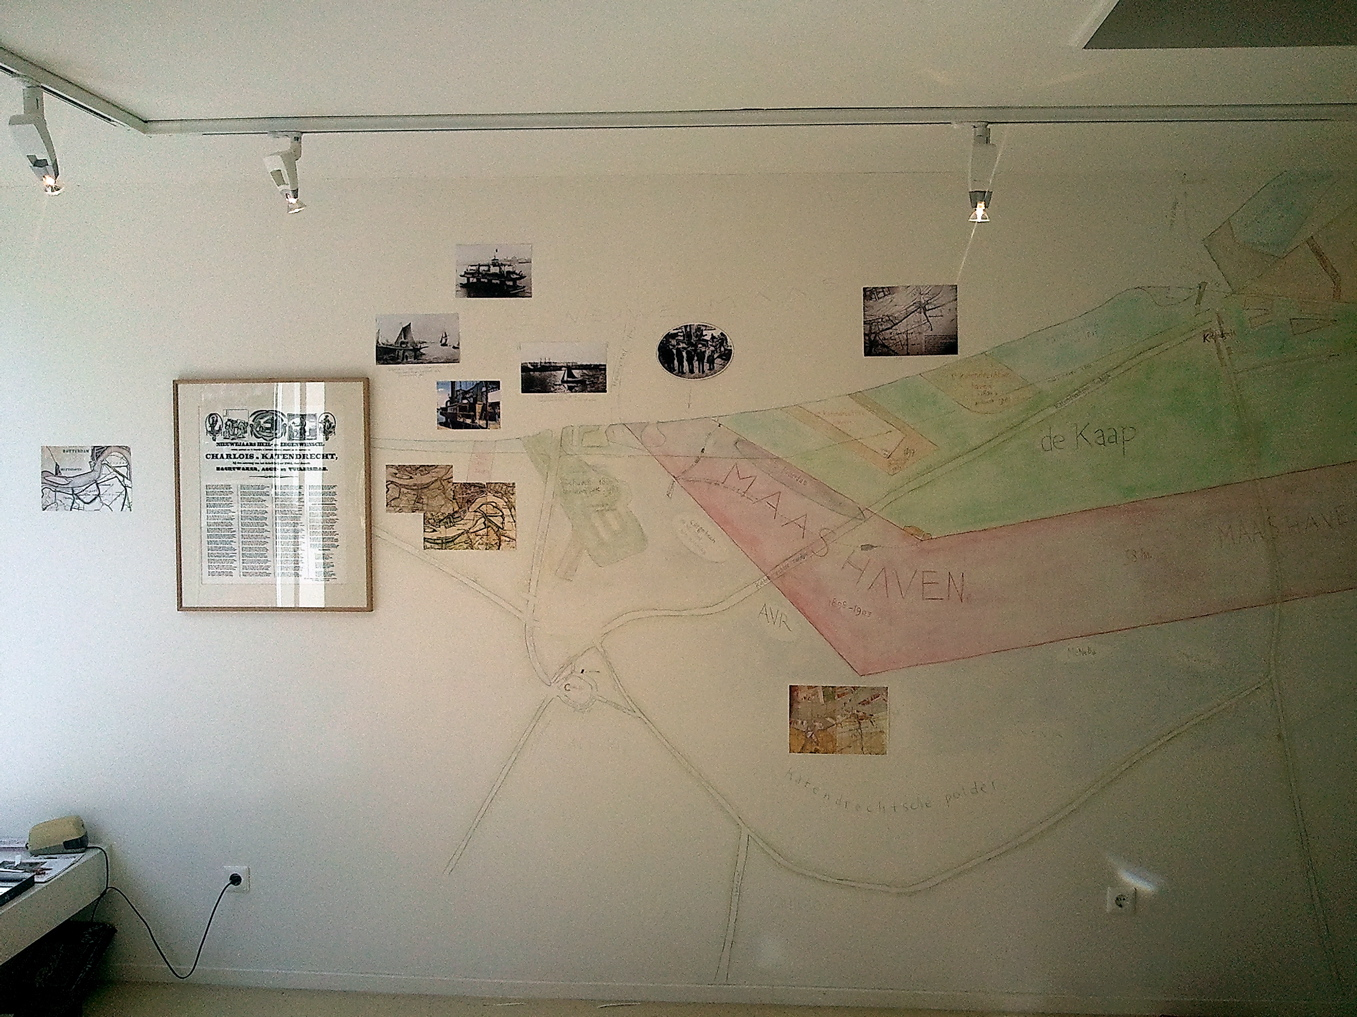 pim van halem: * muurtekeningen in opdracht (binnen)